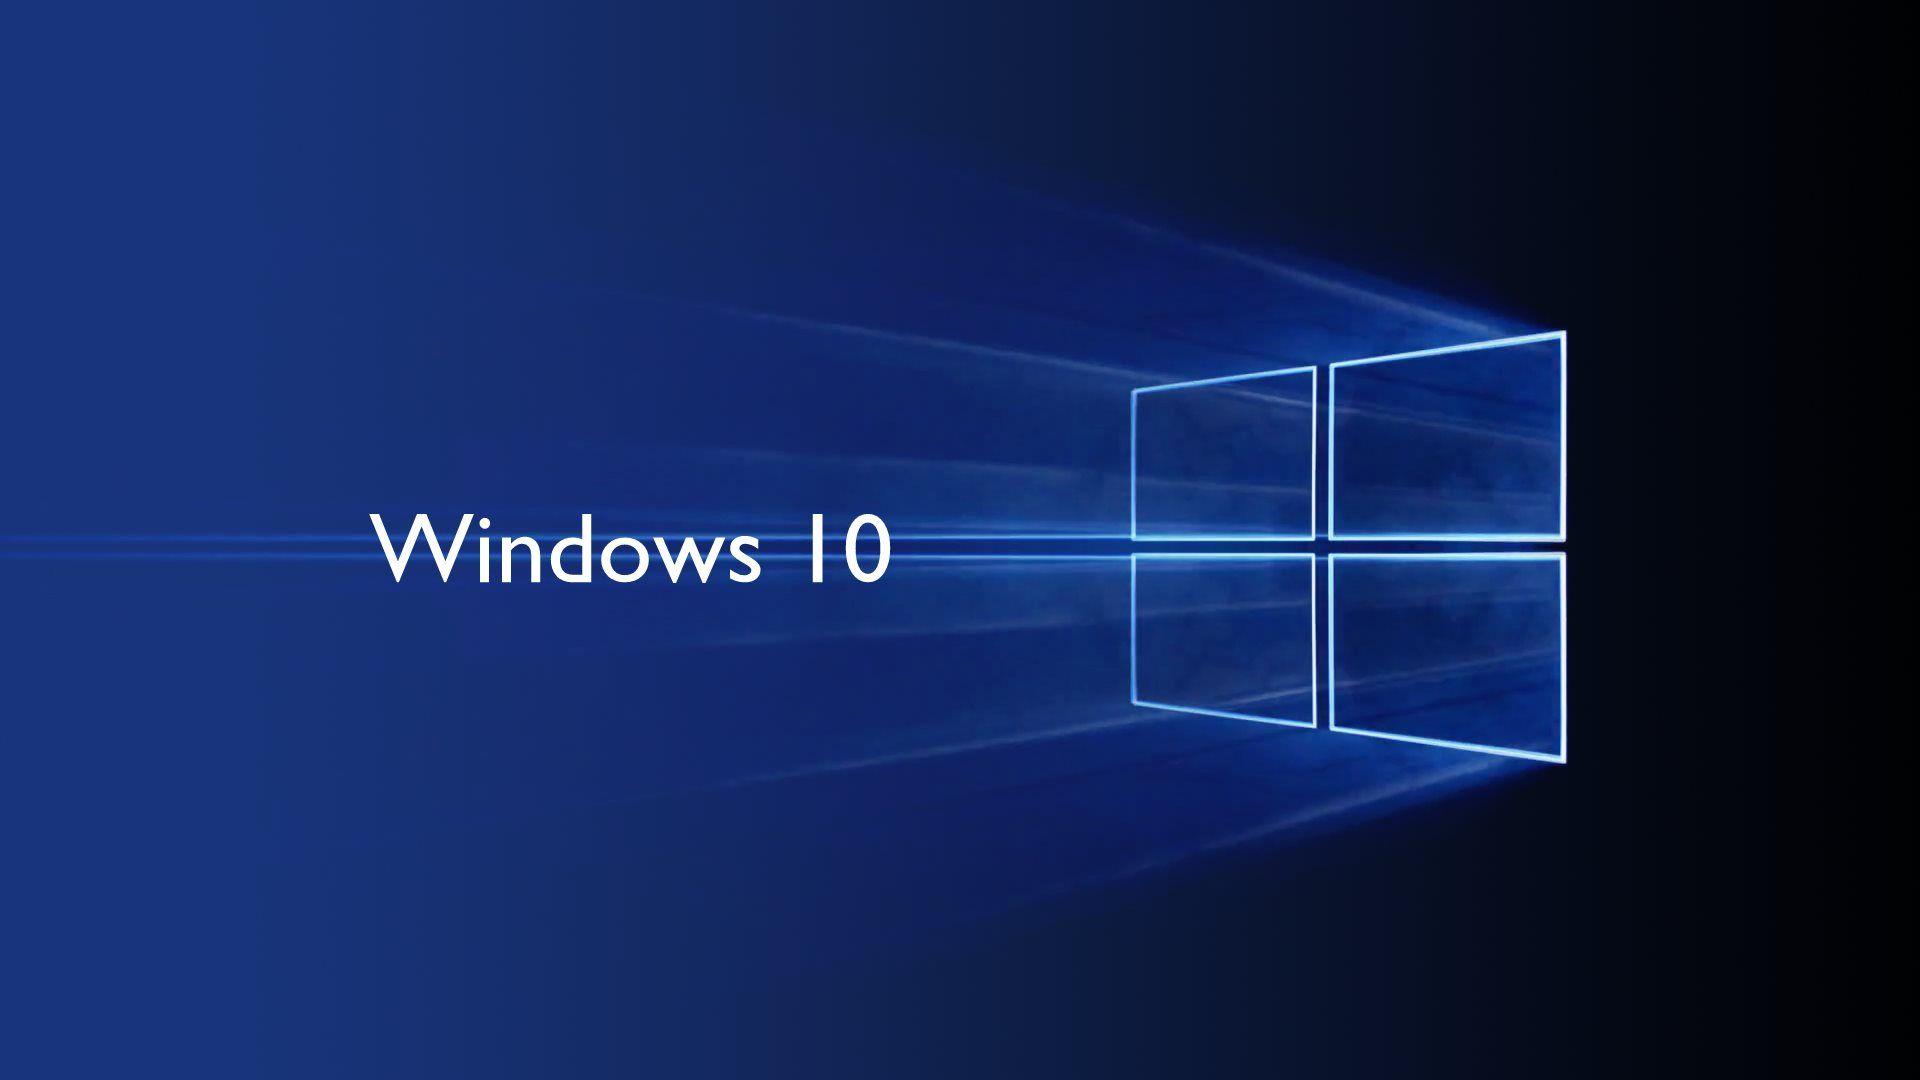 Windows 10 Etkinlestirme Nasil Yapilir Windows 10 Fenetre